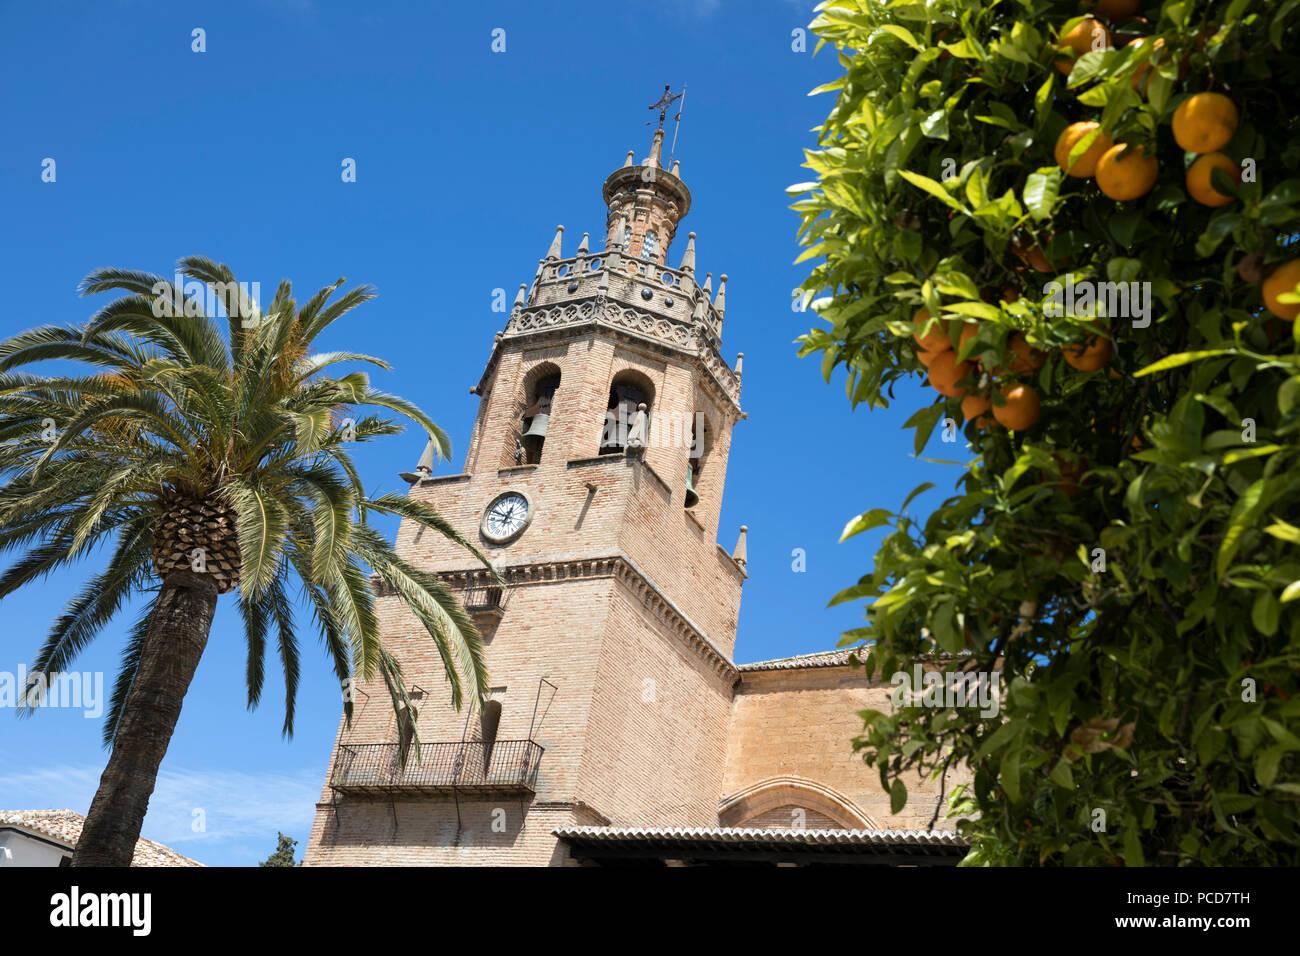 Palm tree and tower of the Iglesia de Santa Maria la Mayor, Ronda, Andalucia, Spain, Europe - Stock Image